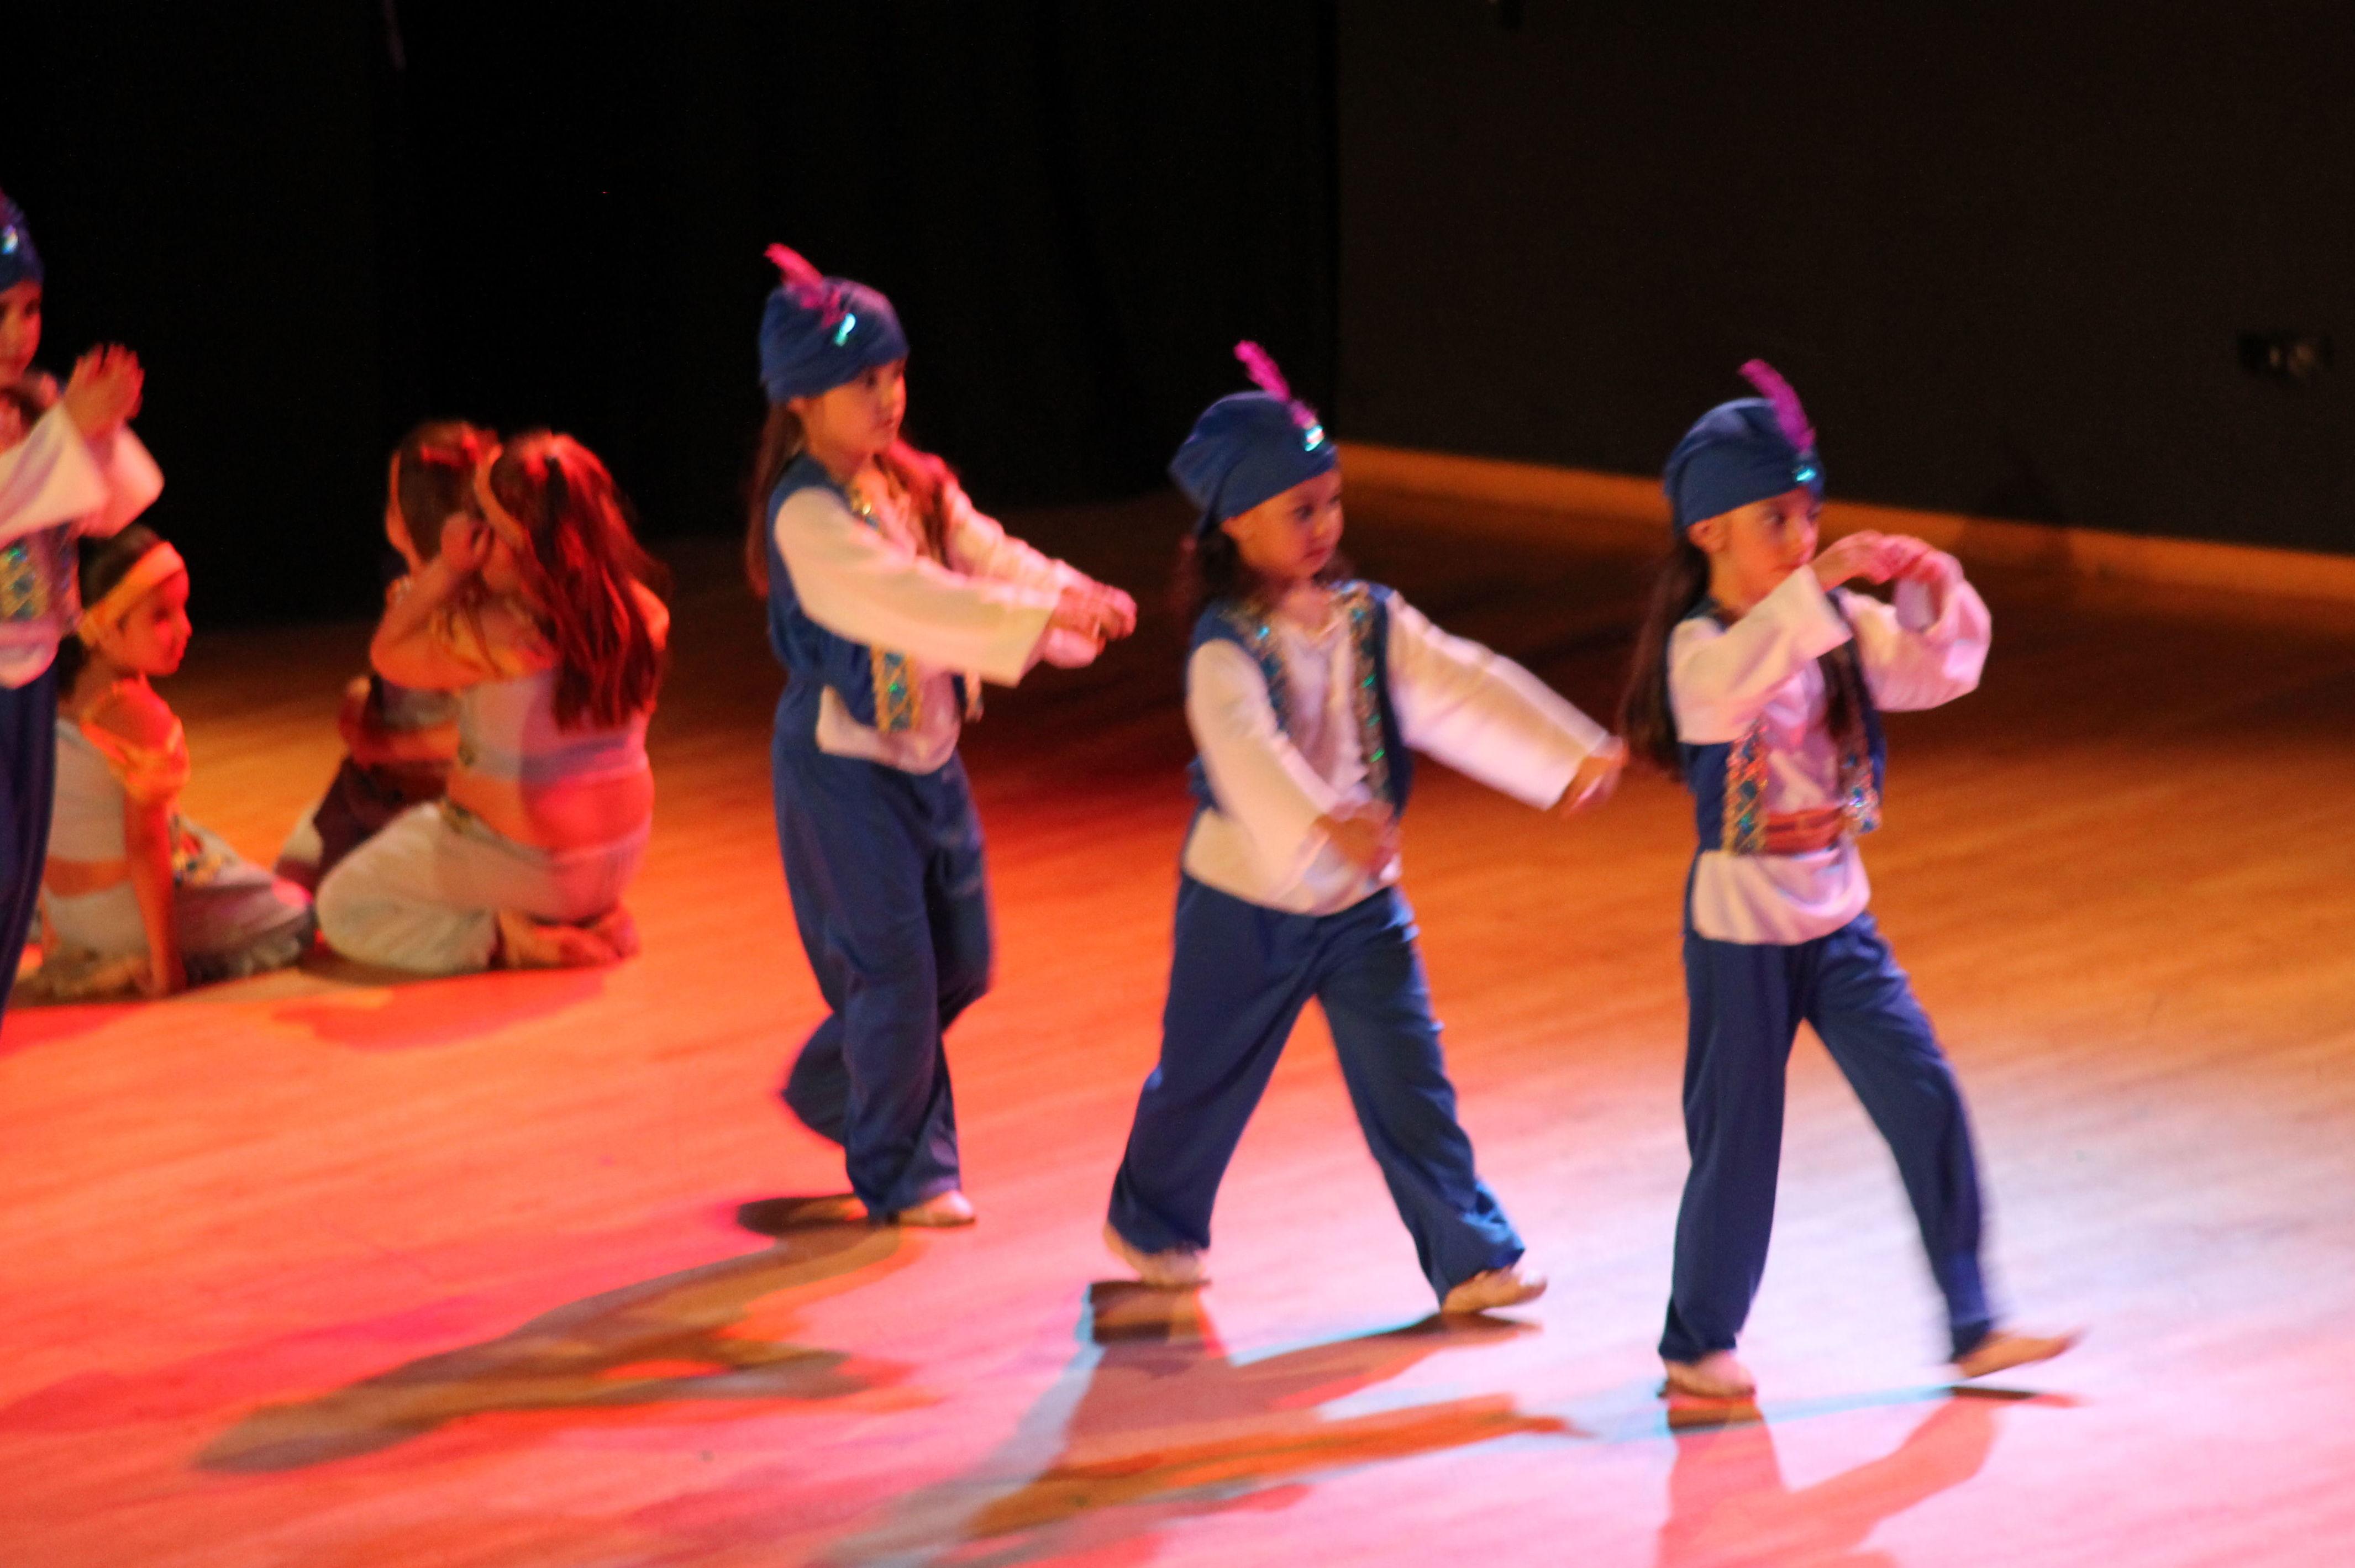 Foto 29 de Escuelas de música, danza e interpretación en Alcalá de Henares | Escuela de Danza Pepe Vento